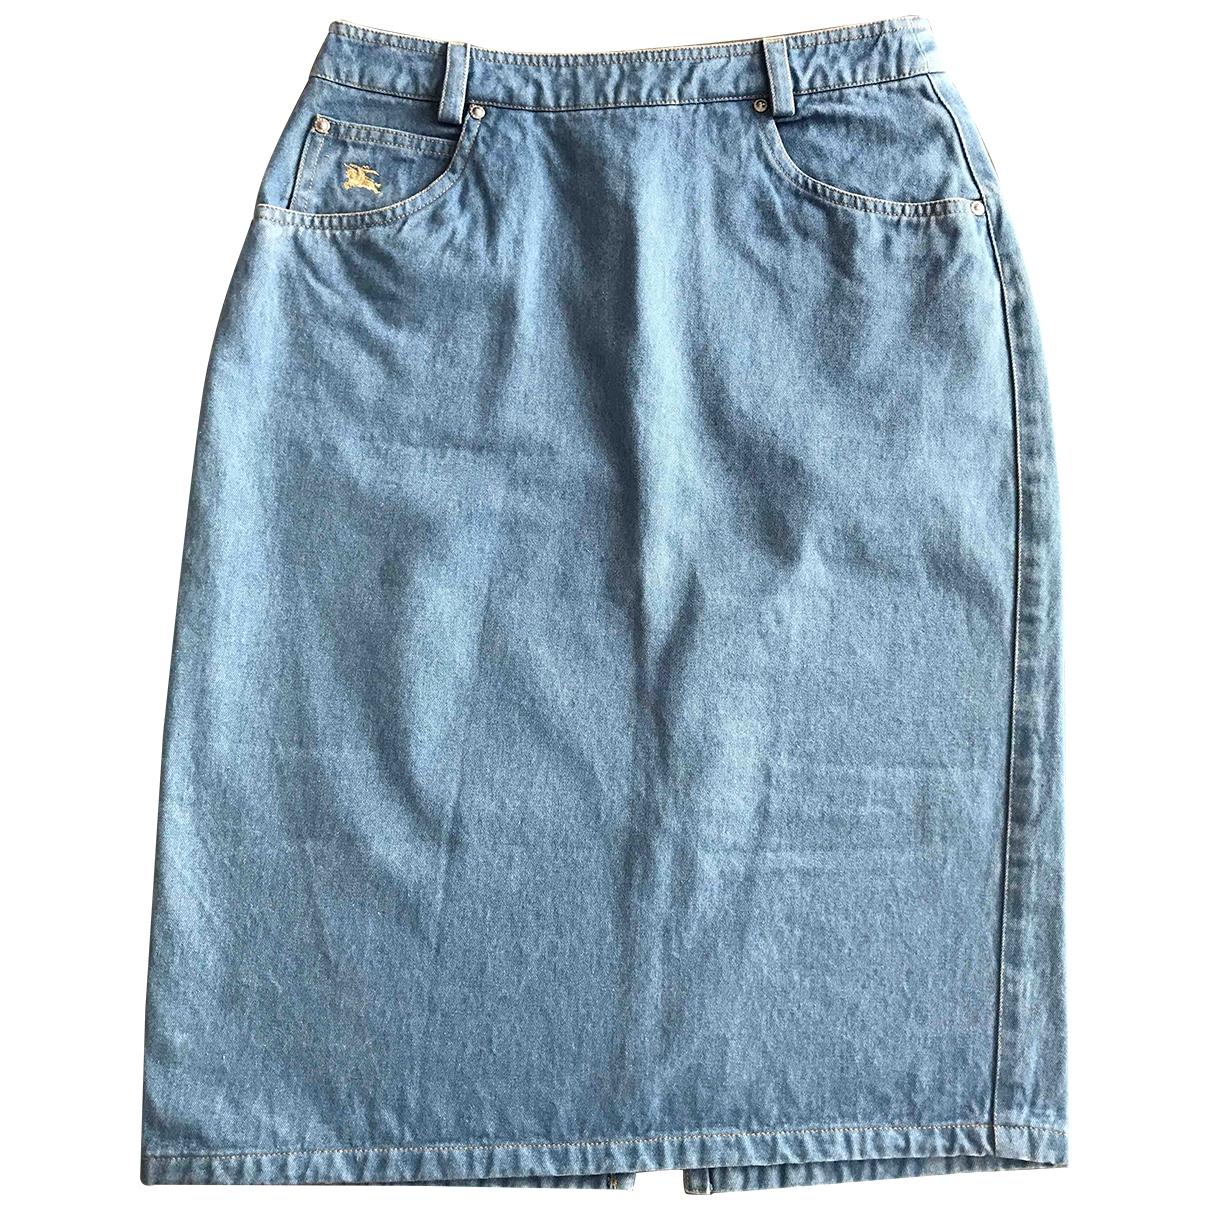 Burberry \N Blue Denim - Jeans skirt for Women 38 FR